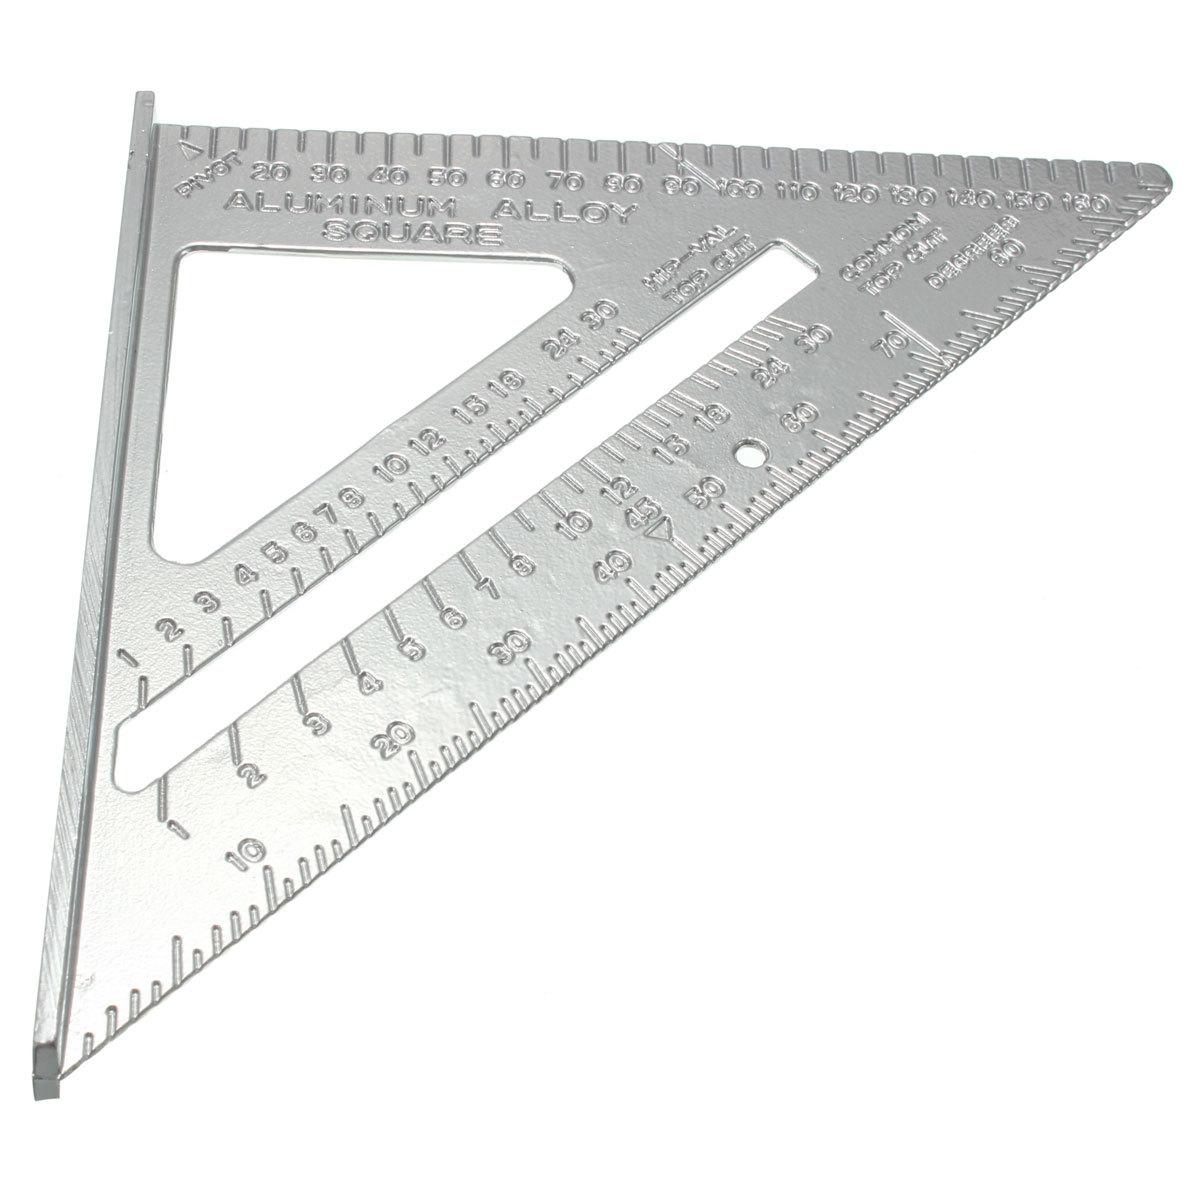 Spesifikasi 2 Buah Square Aluminium Paduan Kecepatan Busur Derajat Mitra Penyusunan Pengukuran Untuk Tukang Kayu Internasional Terbaru